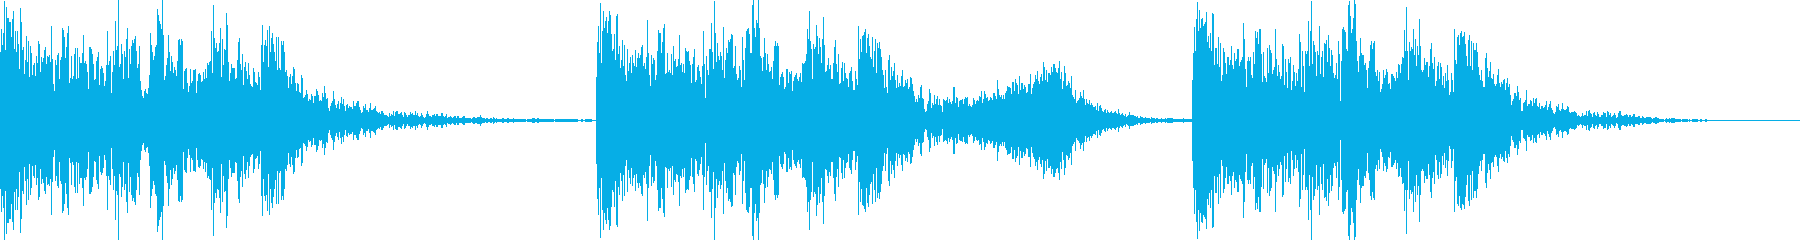 ファイトを感じるBGMの再生済みの波形